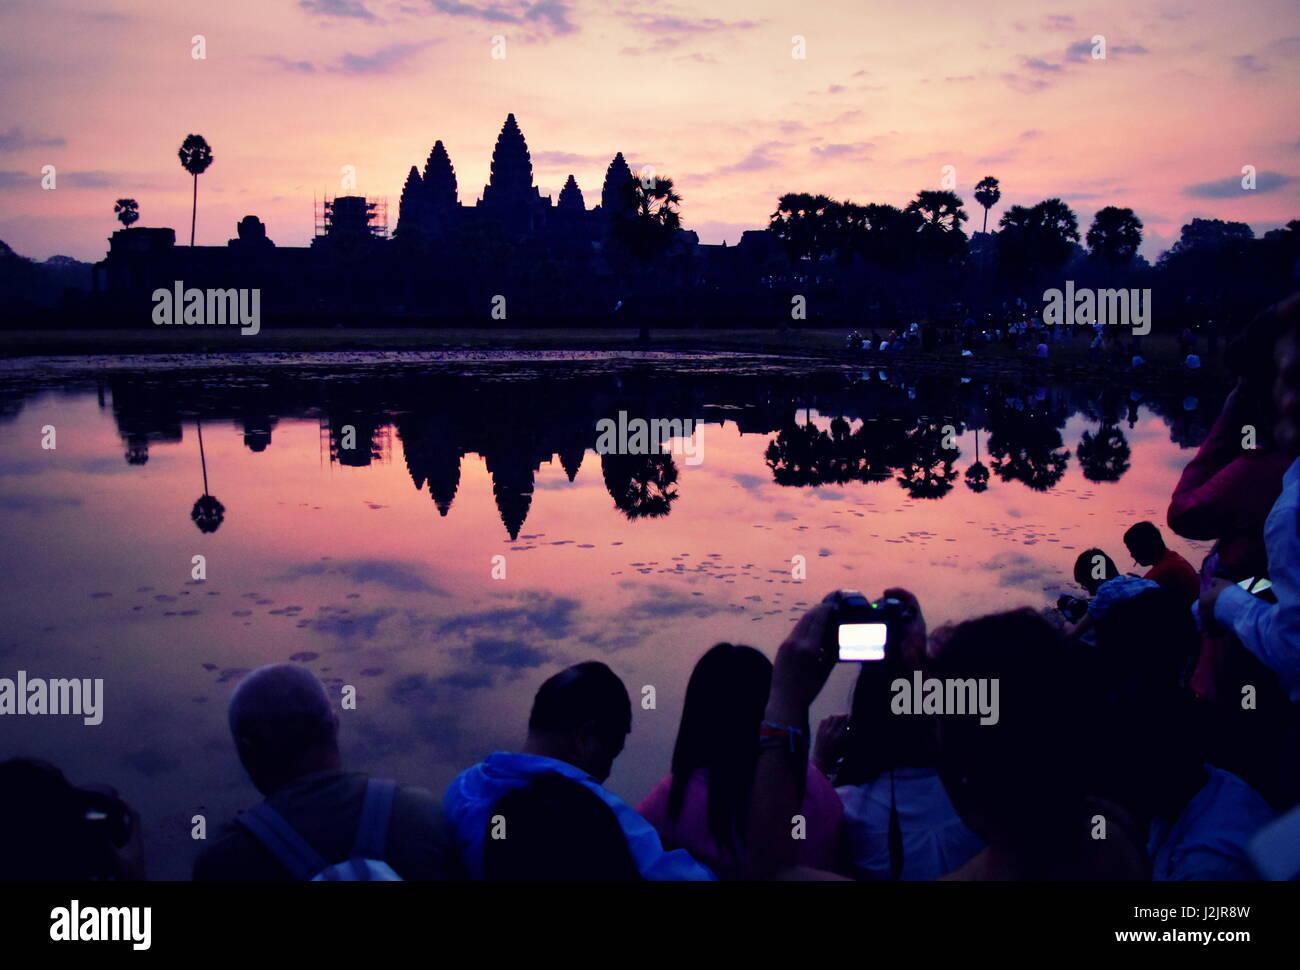 Couleurs beau lever de soleil sur Angkor Wat temple de pierres anciennes ruines, Cambodge Photo Stock